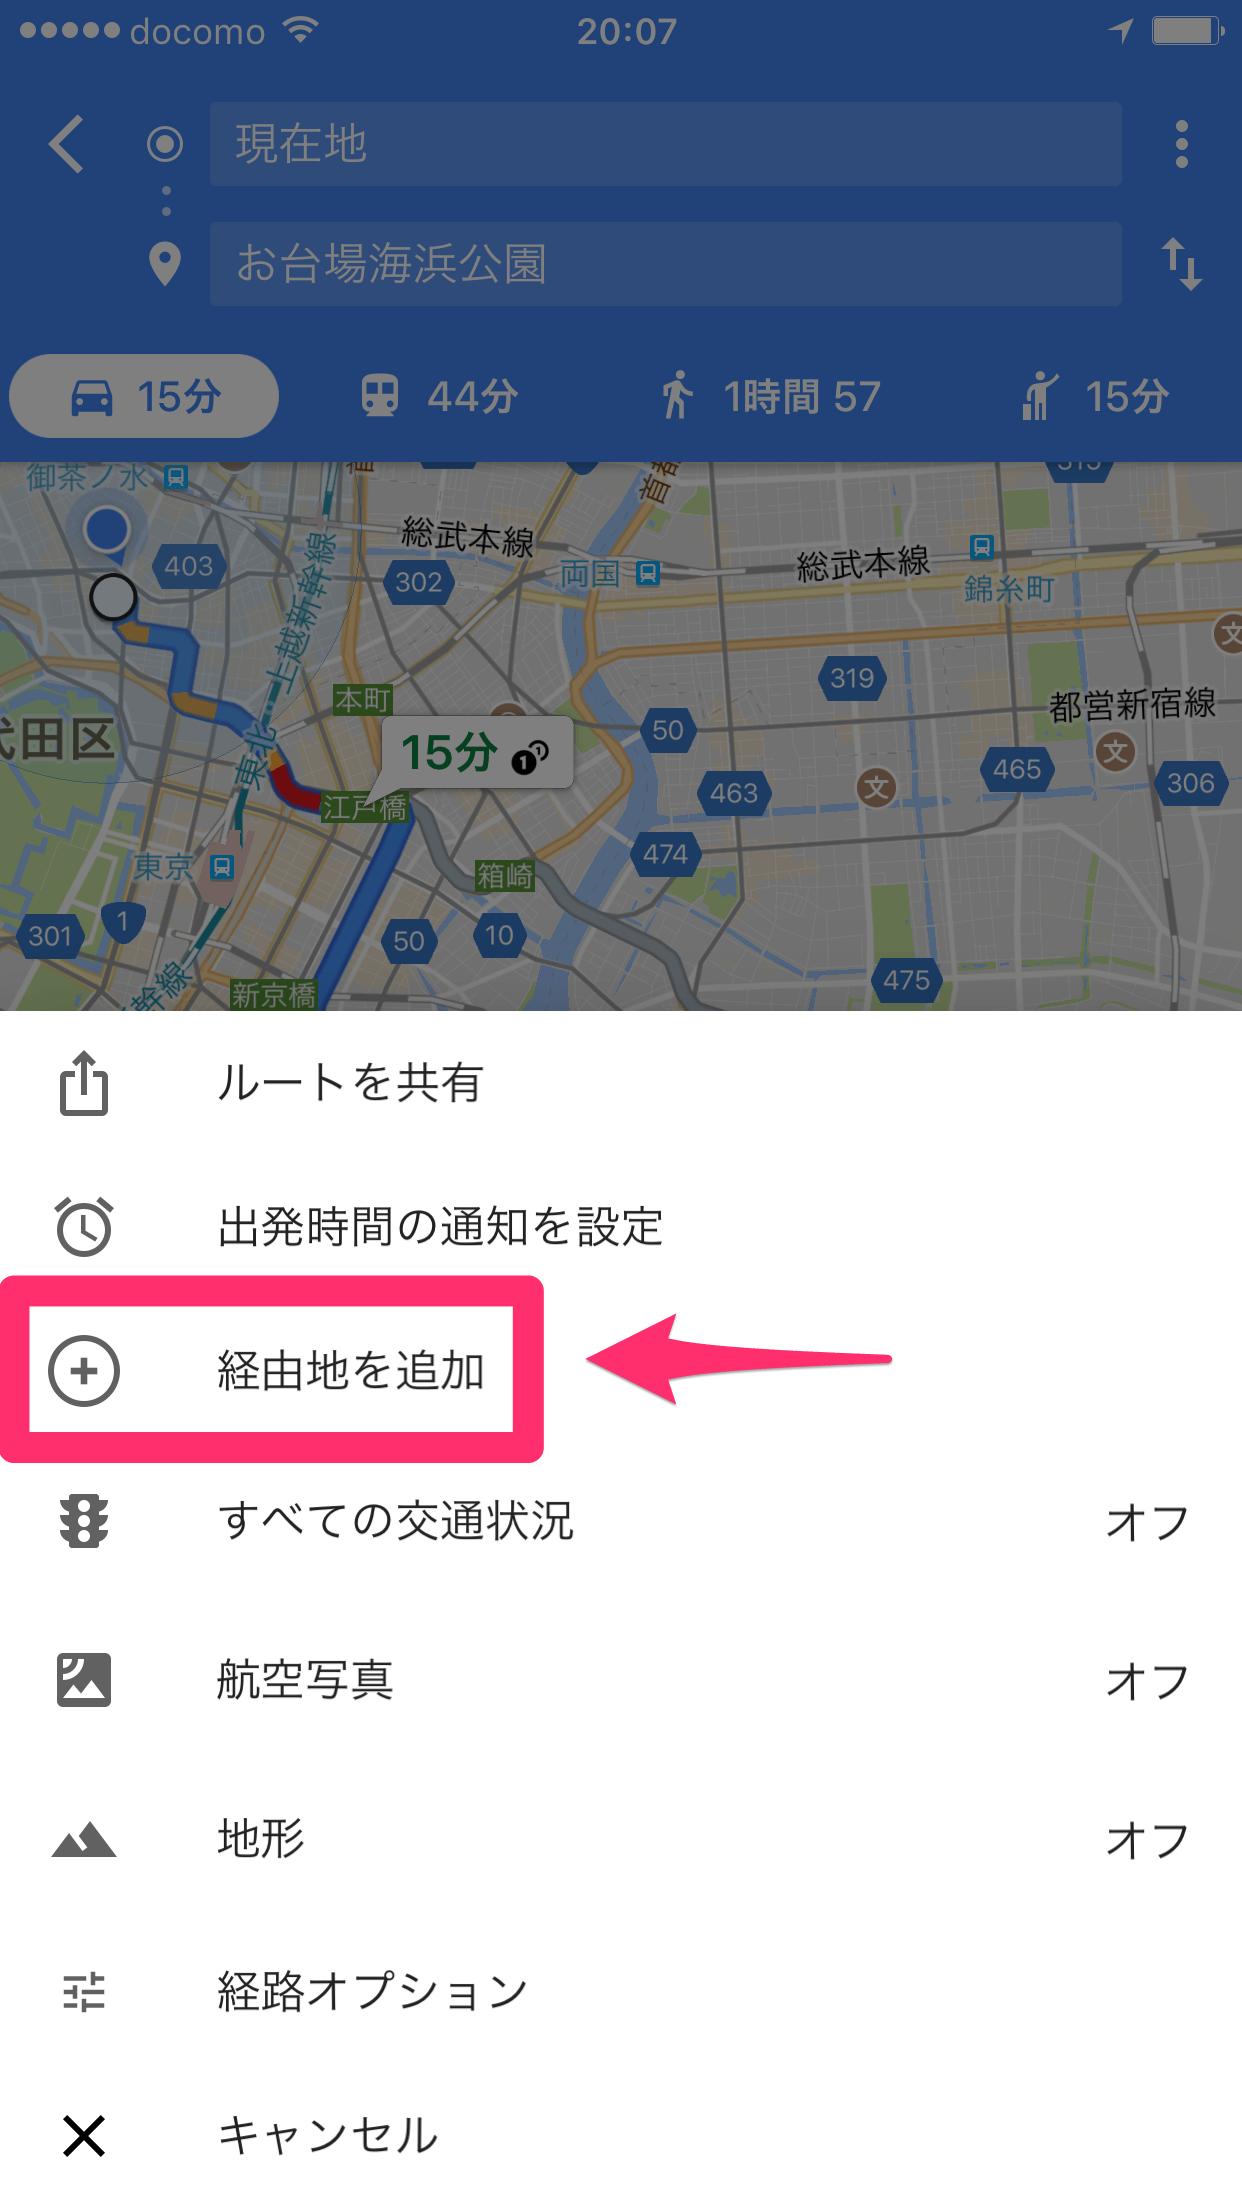 Googleマップ:ルート検索で経由地を追加する